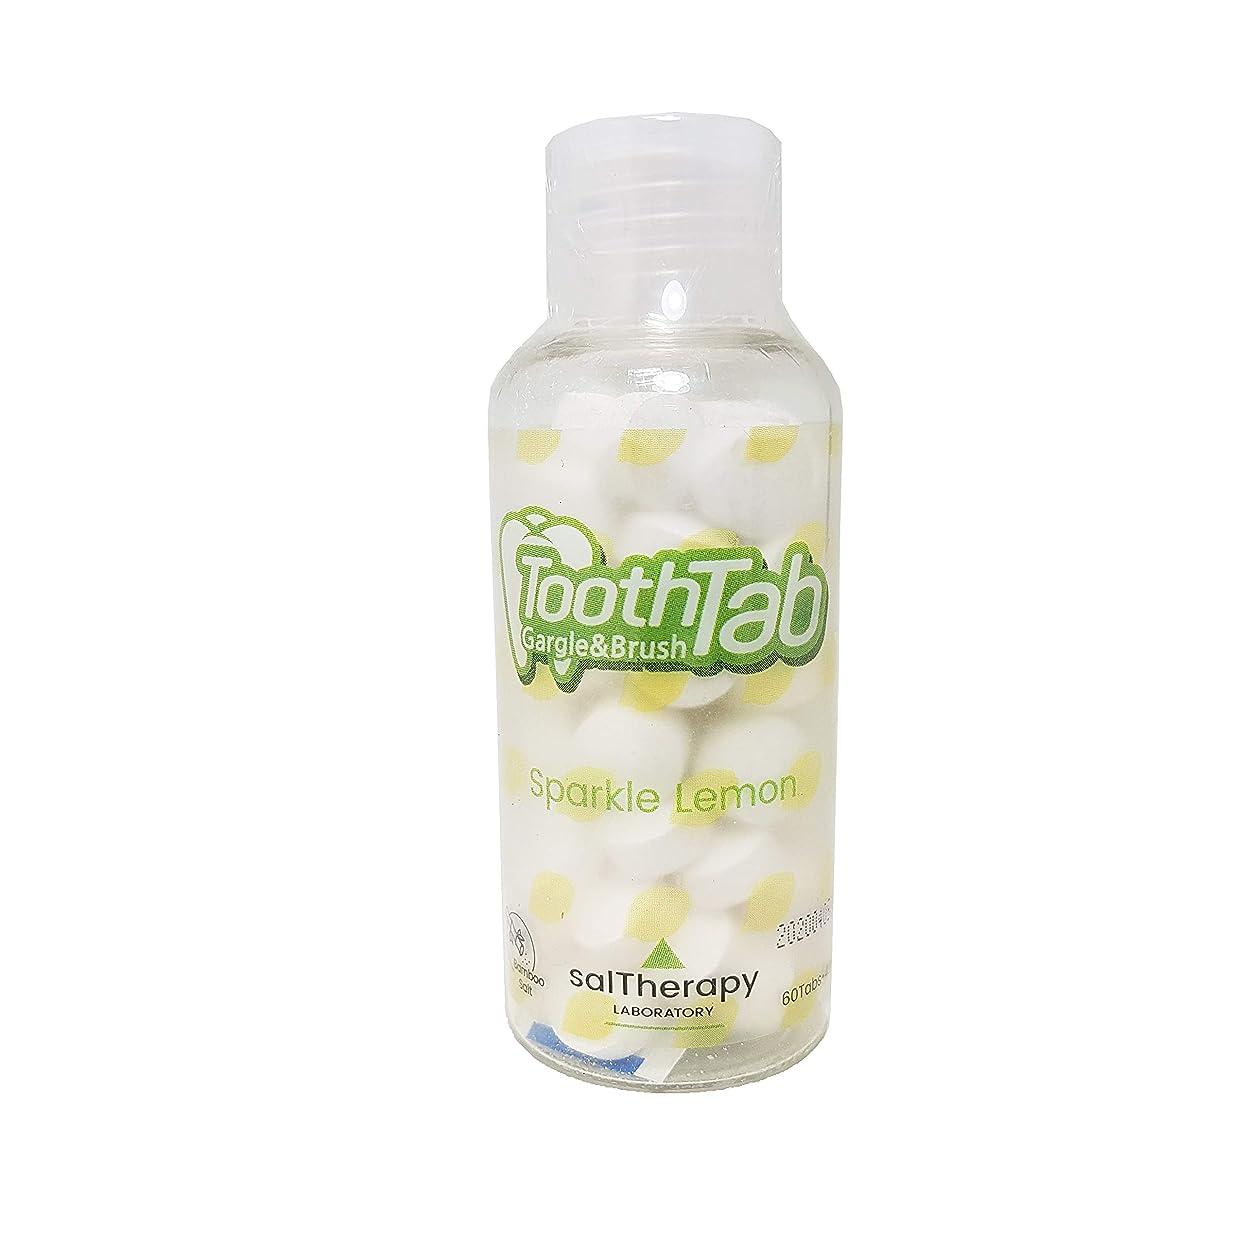 トレッド付属品アーカイブSalTherapy 歯磨き粉 固体タブレット 60個入 (Sparkle Lemon)